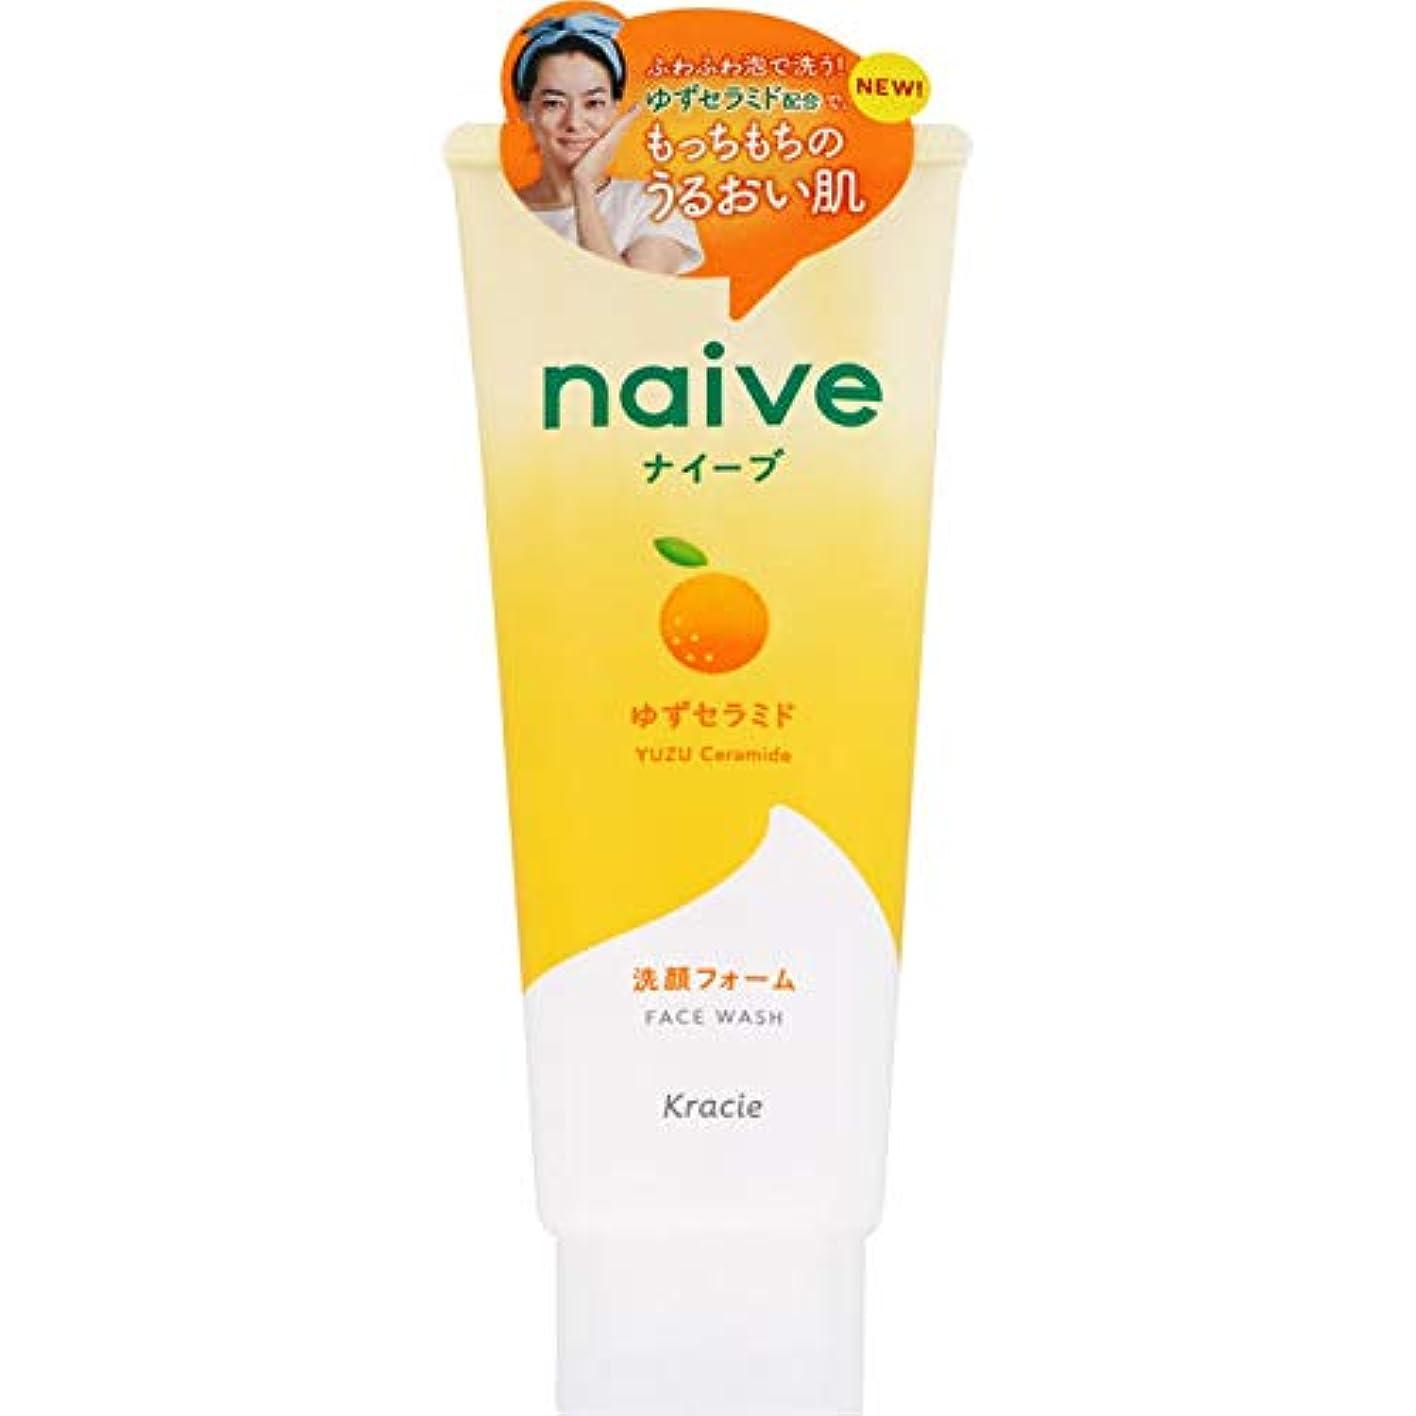 机クローングリーンランドクラシエホームプロダクツ ナイーブ 洗顔フォーム (ゆずセラミド配合) 130g